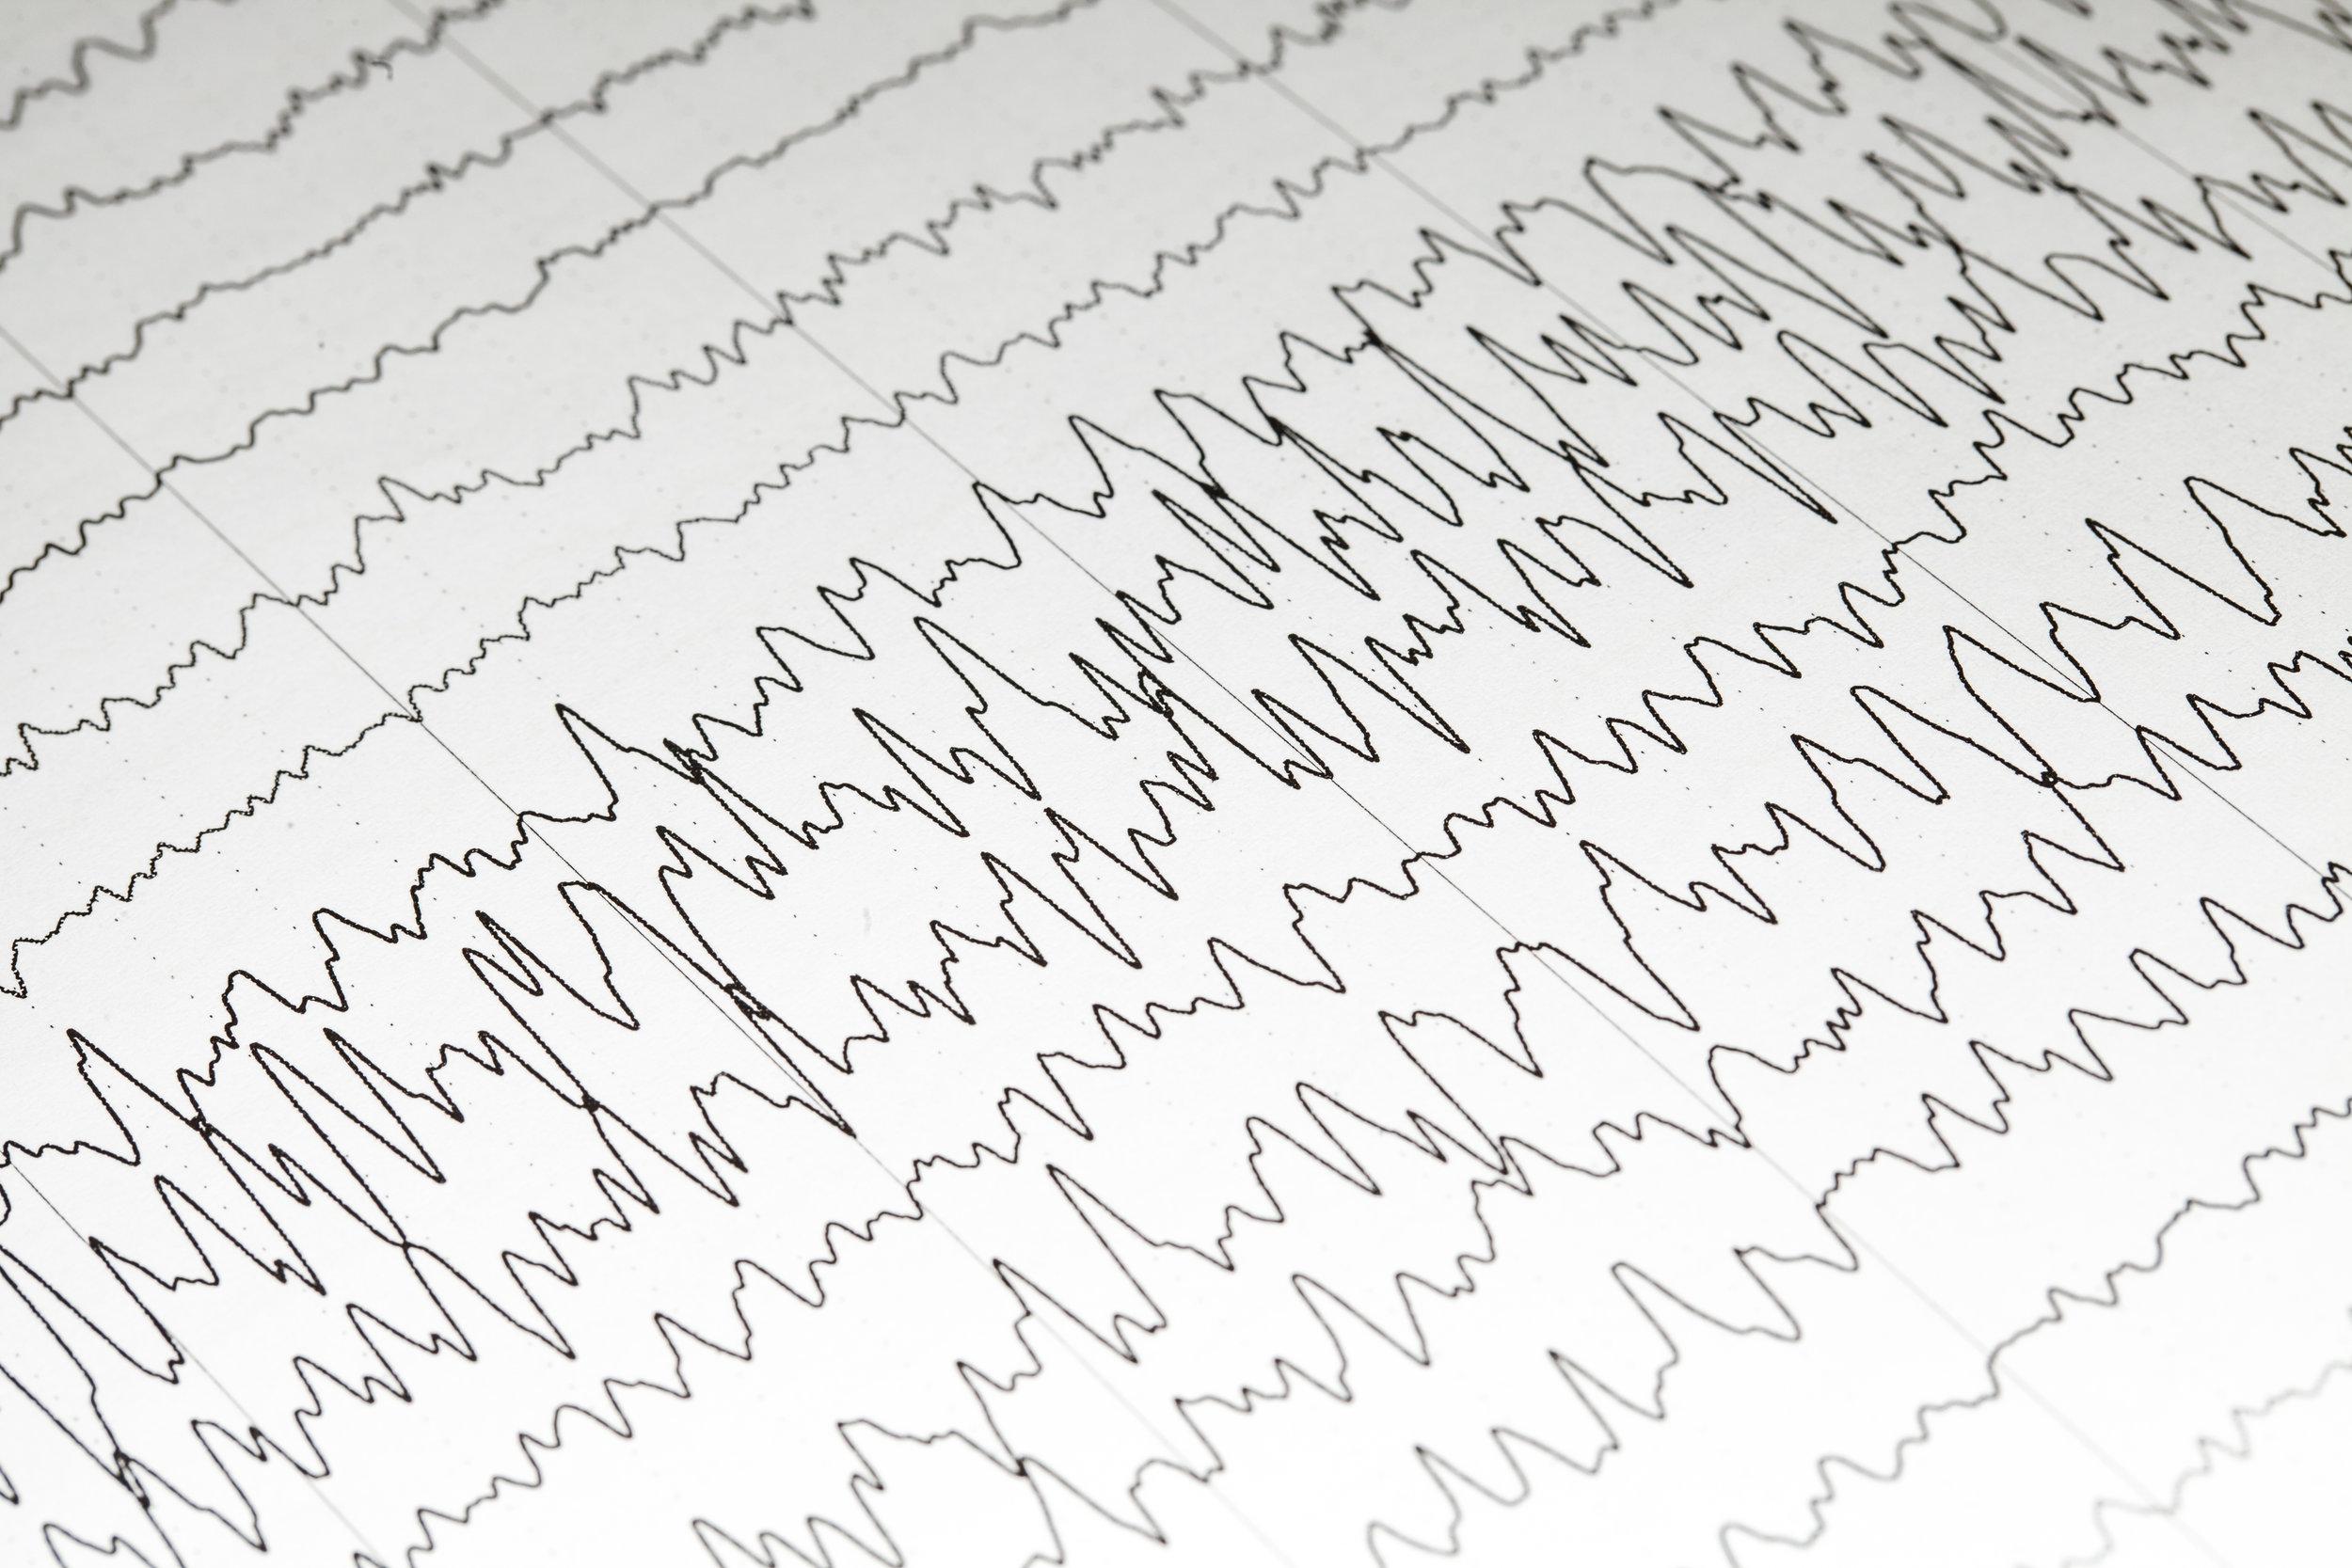 Electroencephalogram (EEG) during a siezure